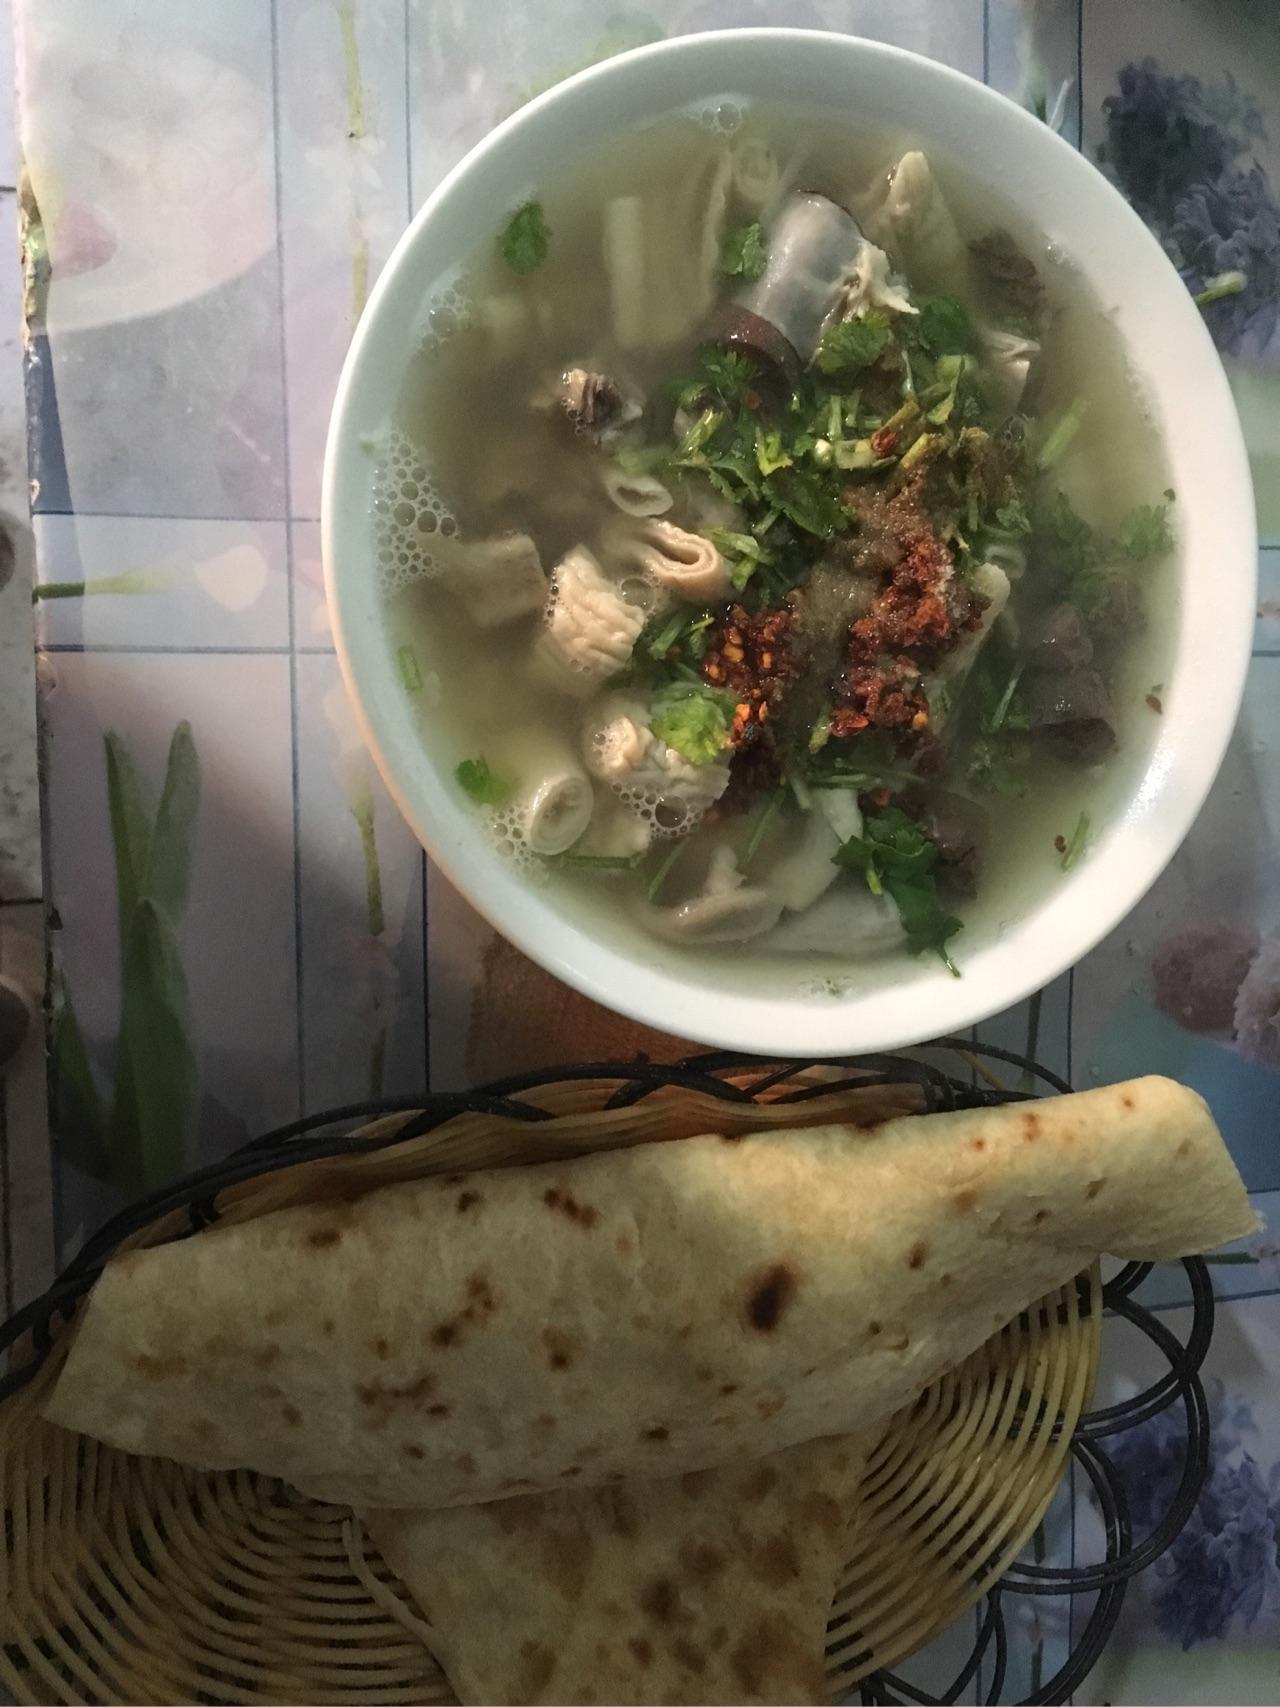 绵阳吃羊肉汤的地方_沧州有哪些好吃,好玩的地方? - 知乎